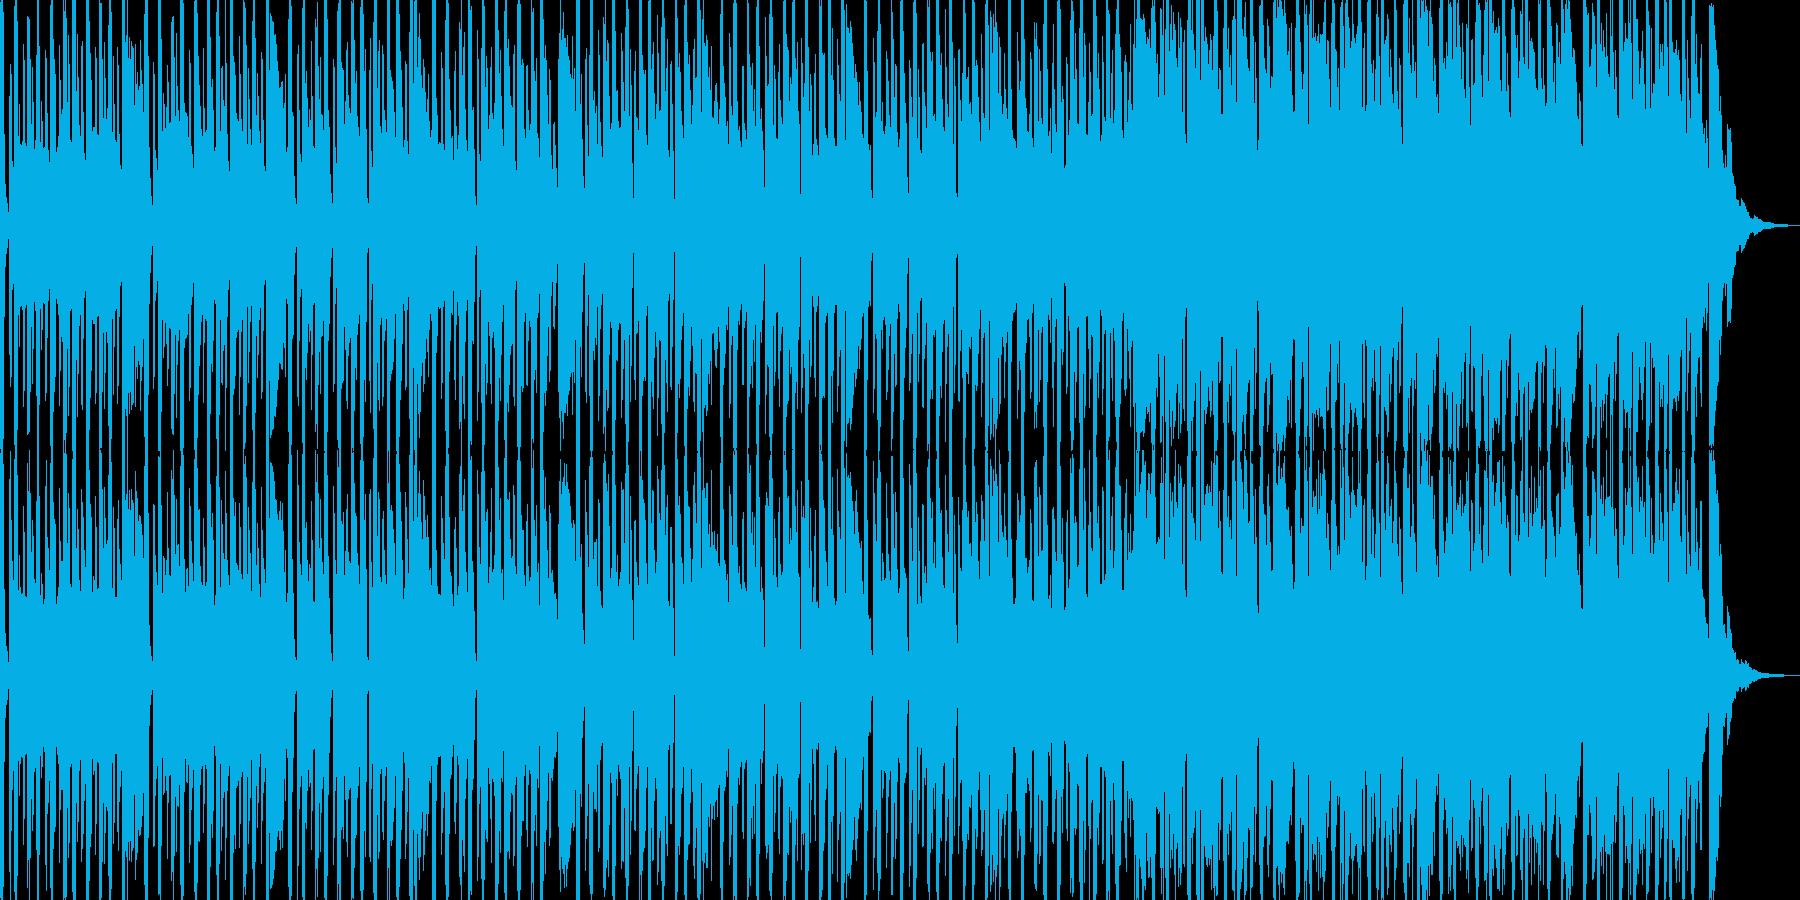 明るめのレゲエ調の曲です。よろしくお願…の再生済みの波形